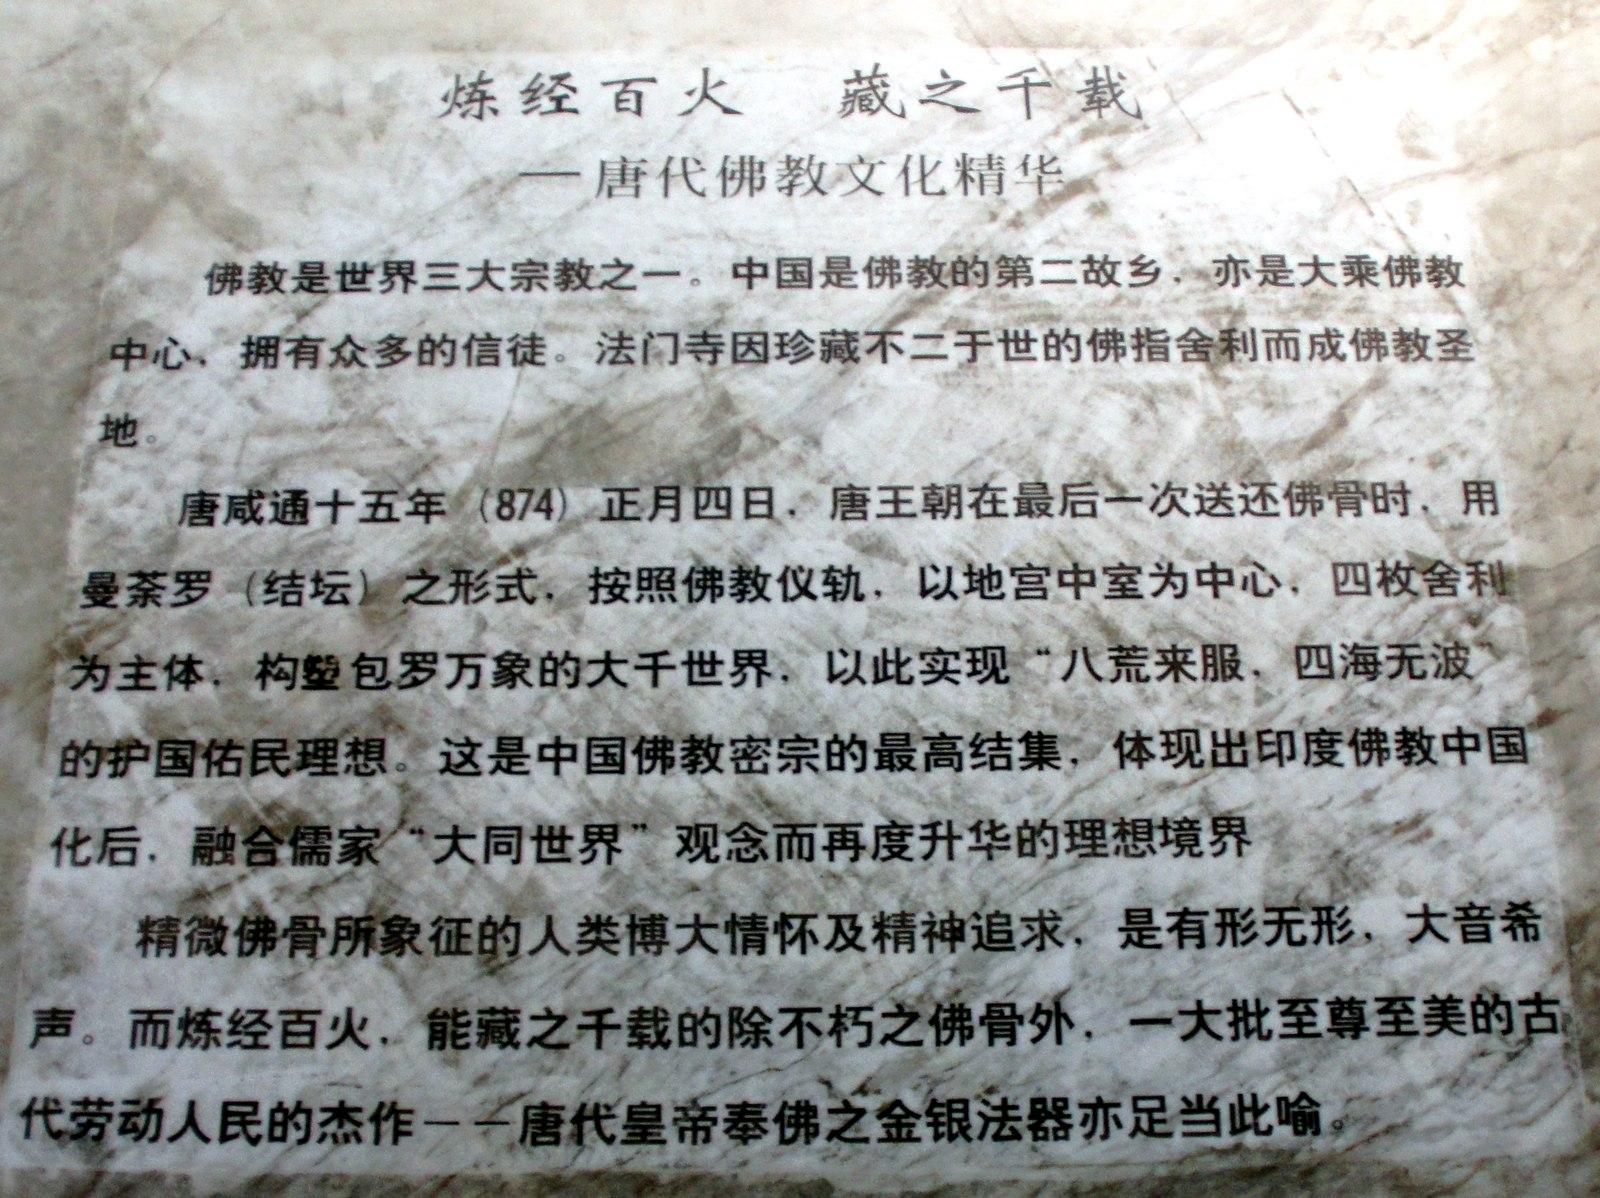 法门寺--珍宝馆-唐代佛教简介-92-1600.jpg